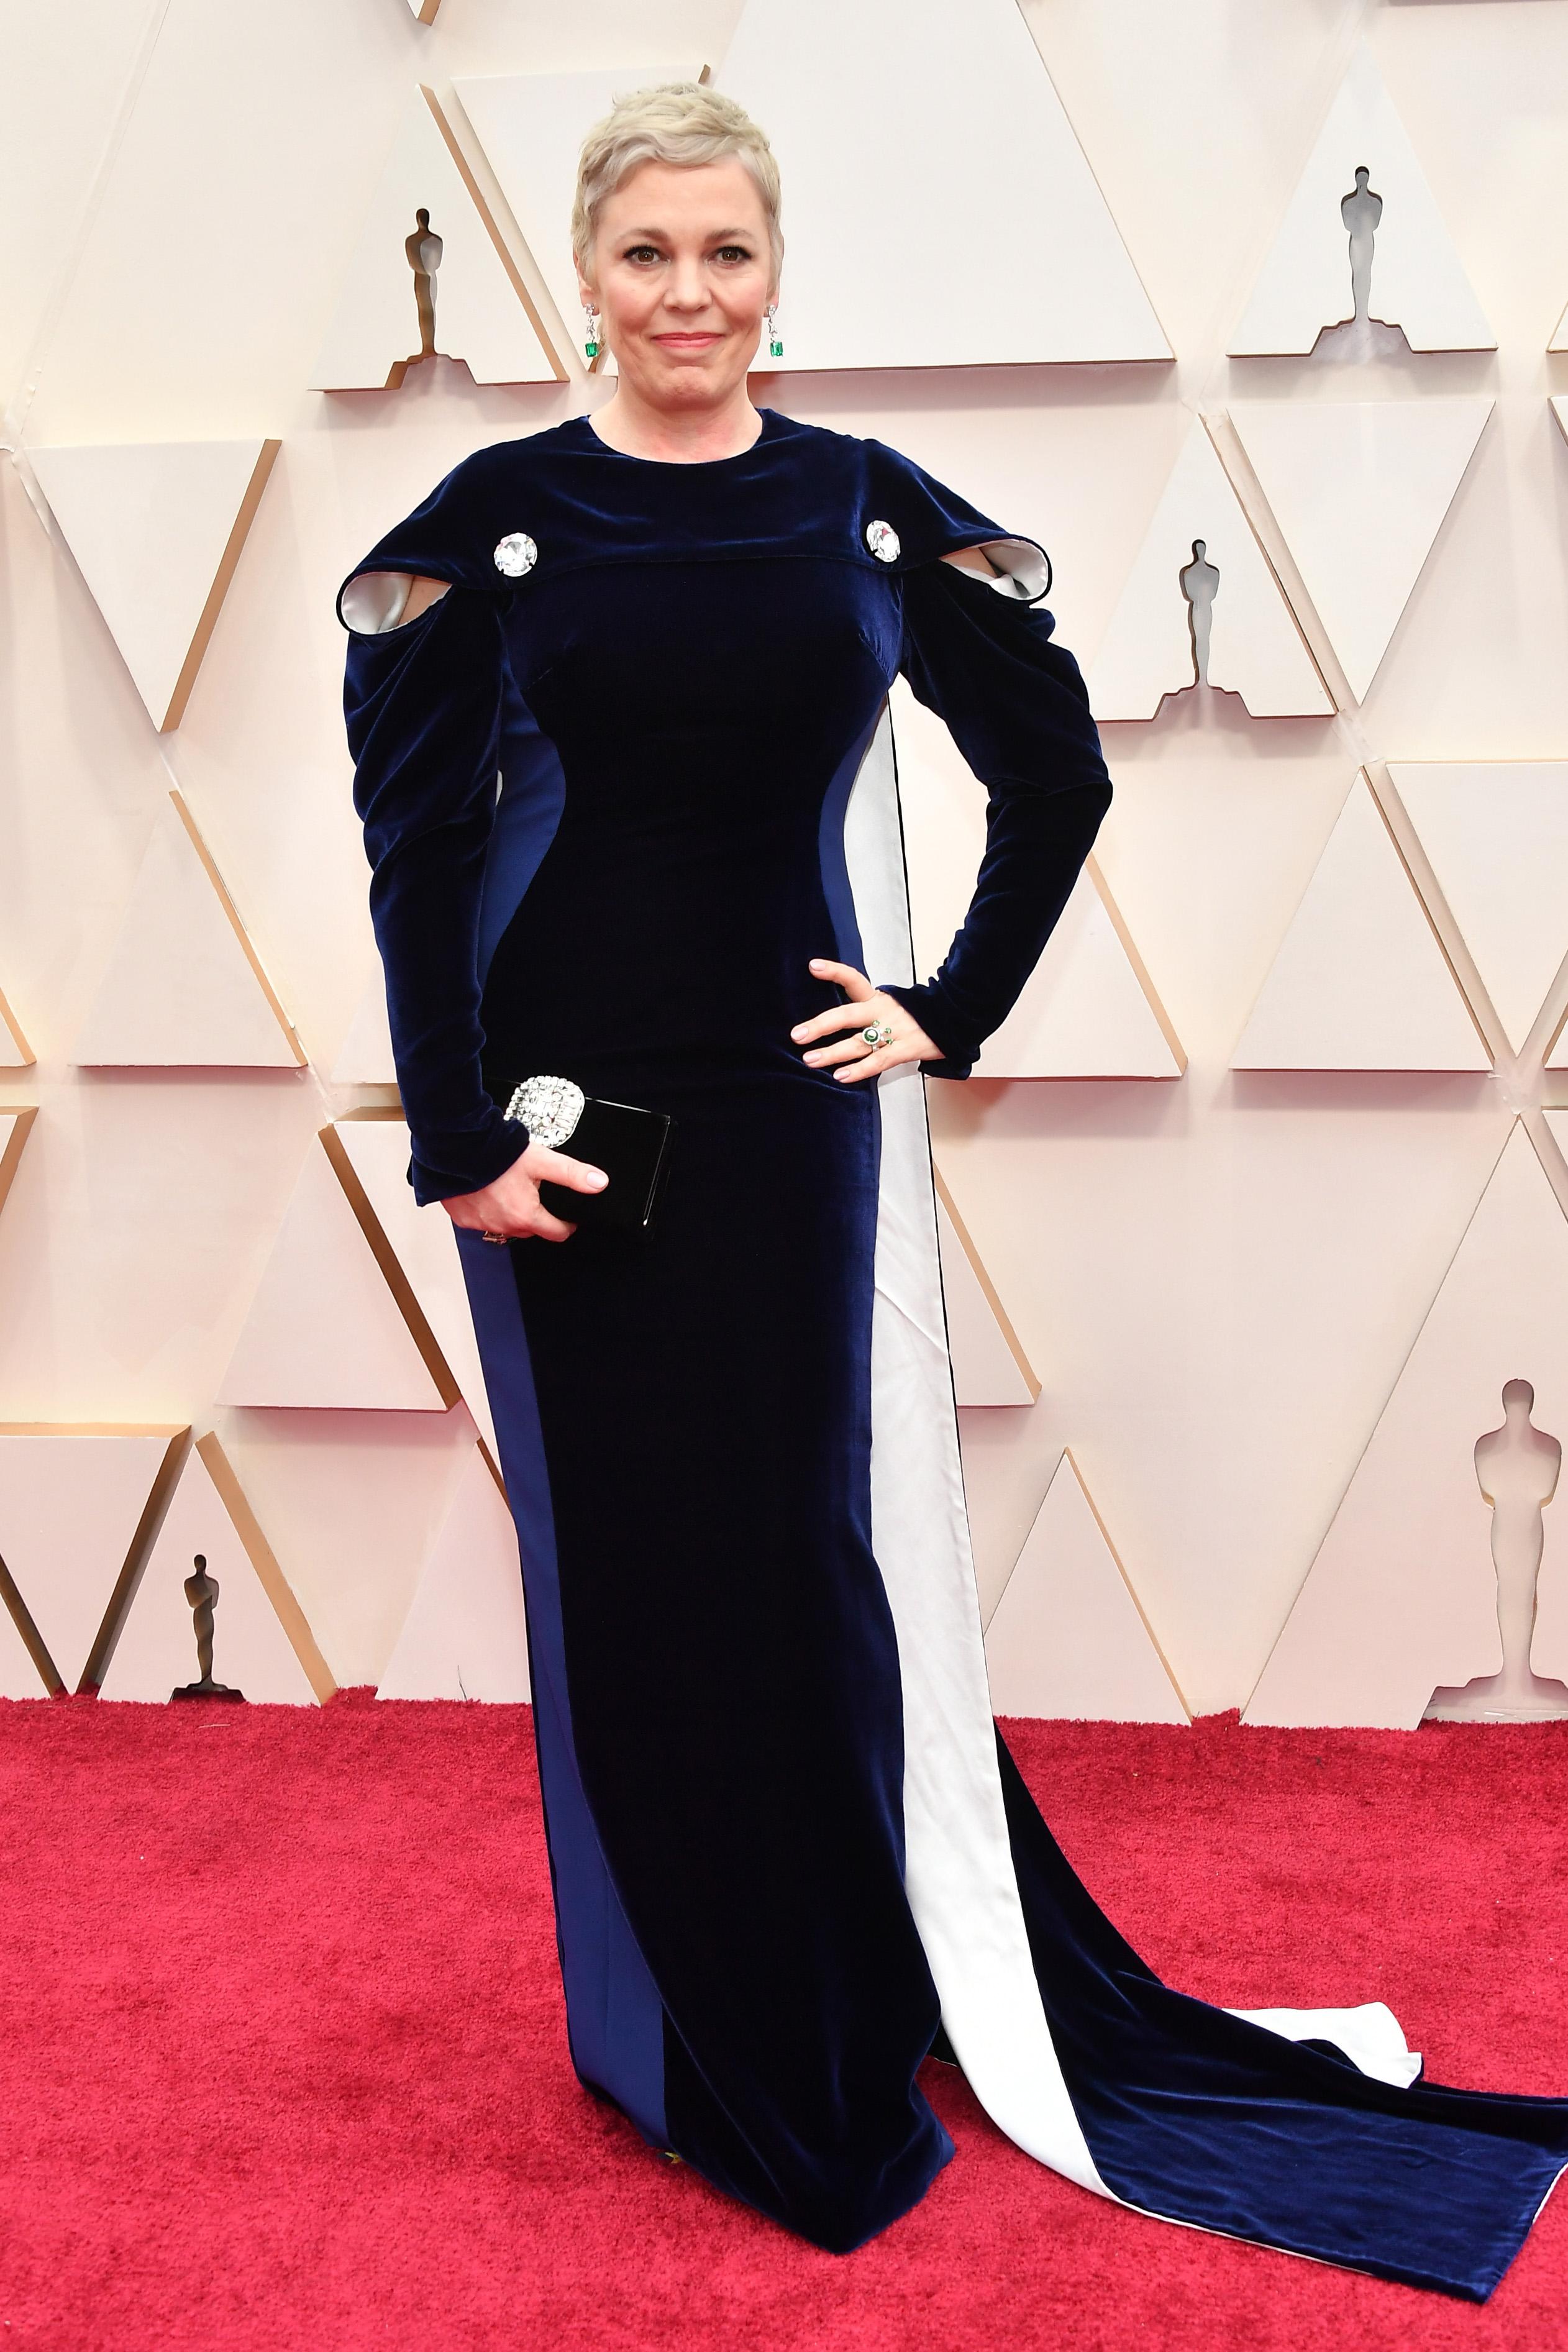 Оливия Колман в Stella McCartney Не е лош изборът на стилиста на актрисата - силуетът отива на възрастта и фигурата й.